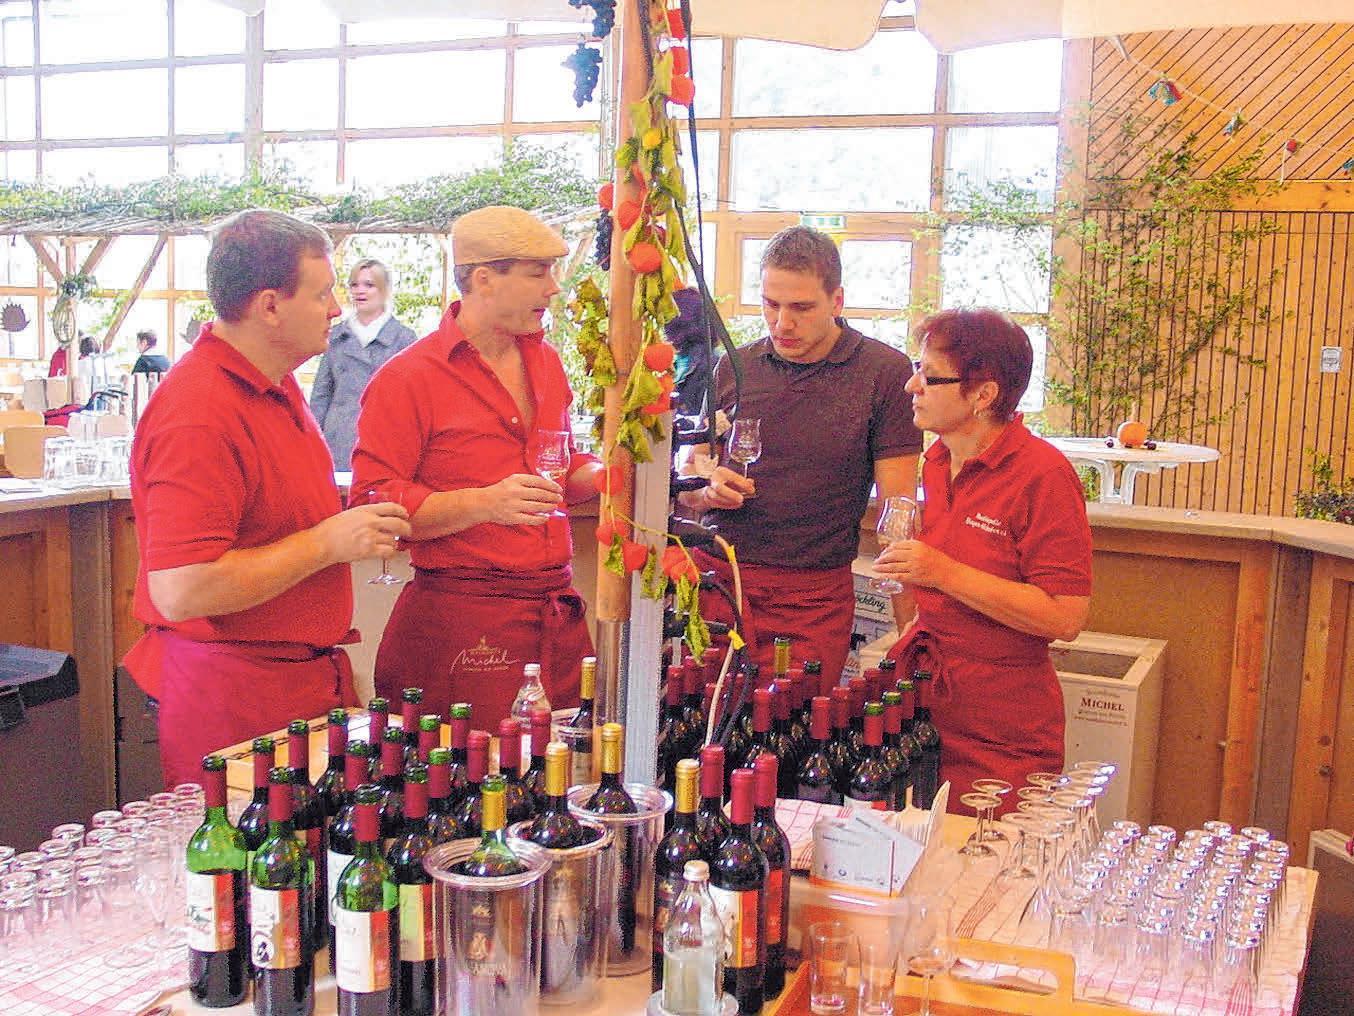 Auch das Weingut Michel aus Bingen am Rhein bietet verschiedene wohlschmeckende Tropfen zurVerkostung an. Na dann, zum Wohlsein! FOTOS: RÖSCH / MARTIN